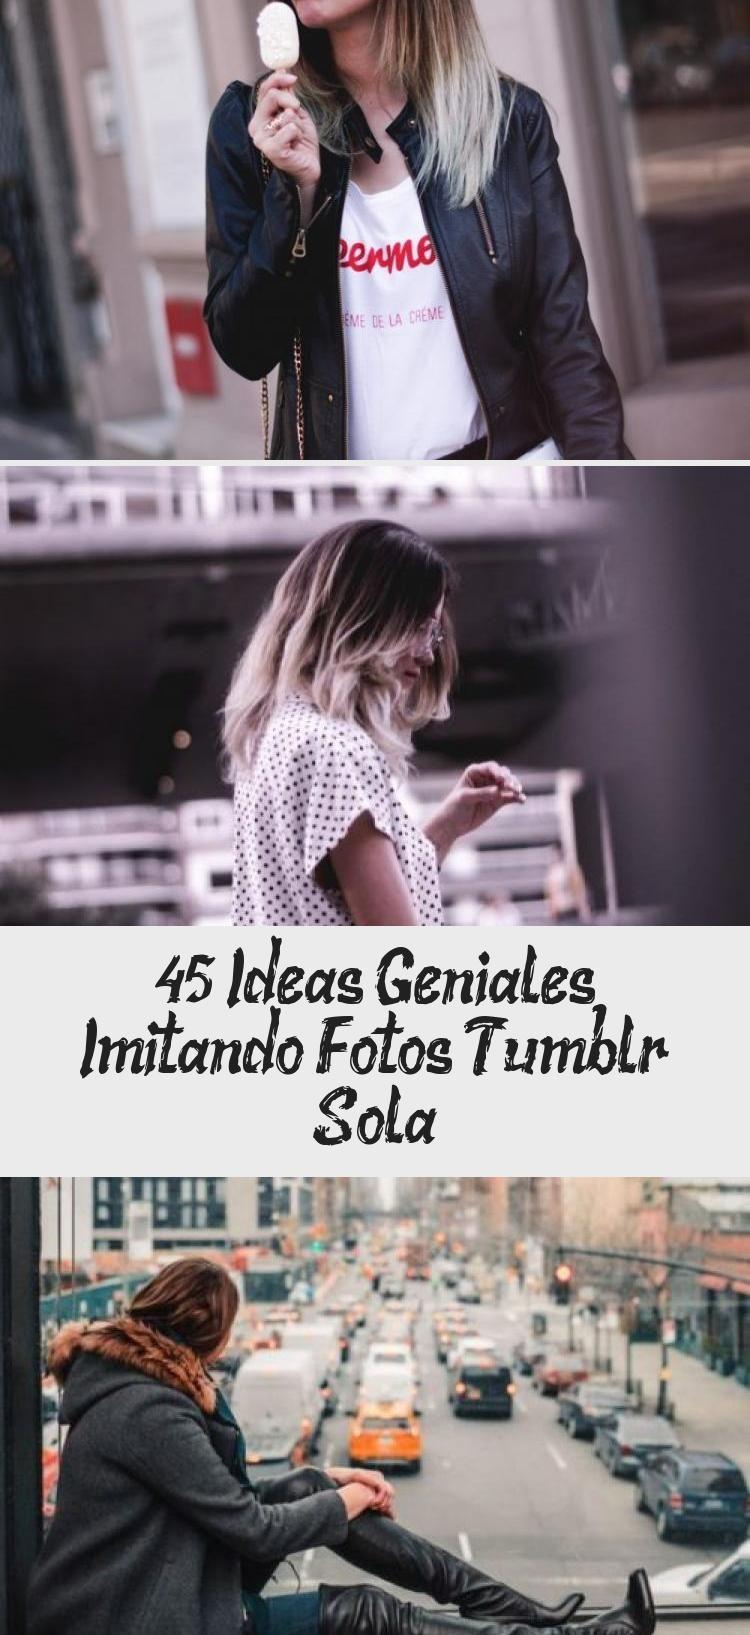 45 Ideas Geniales Imitando Fotos Tumblr Sola